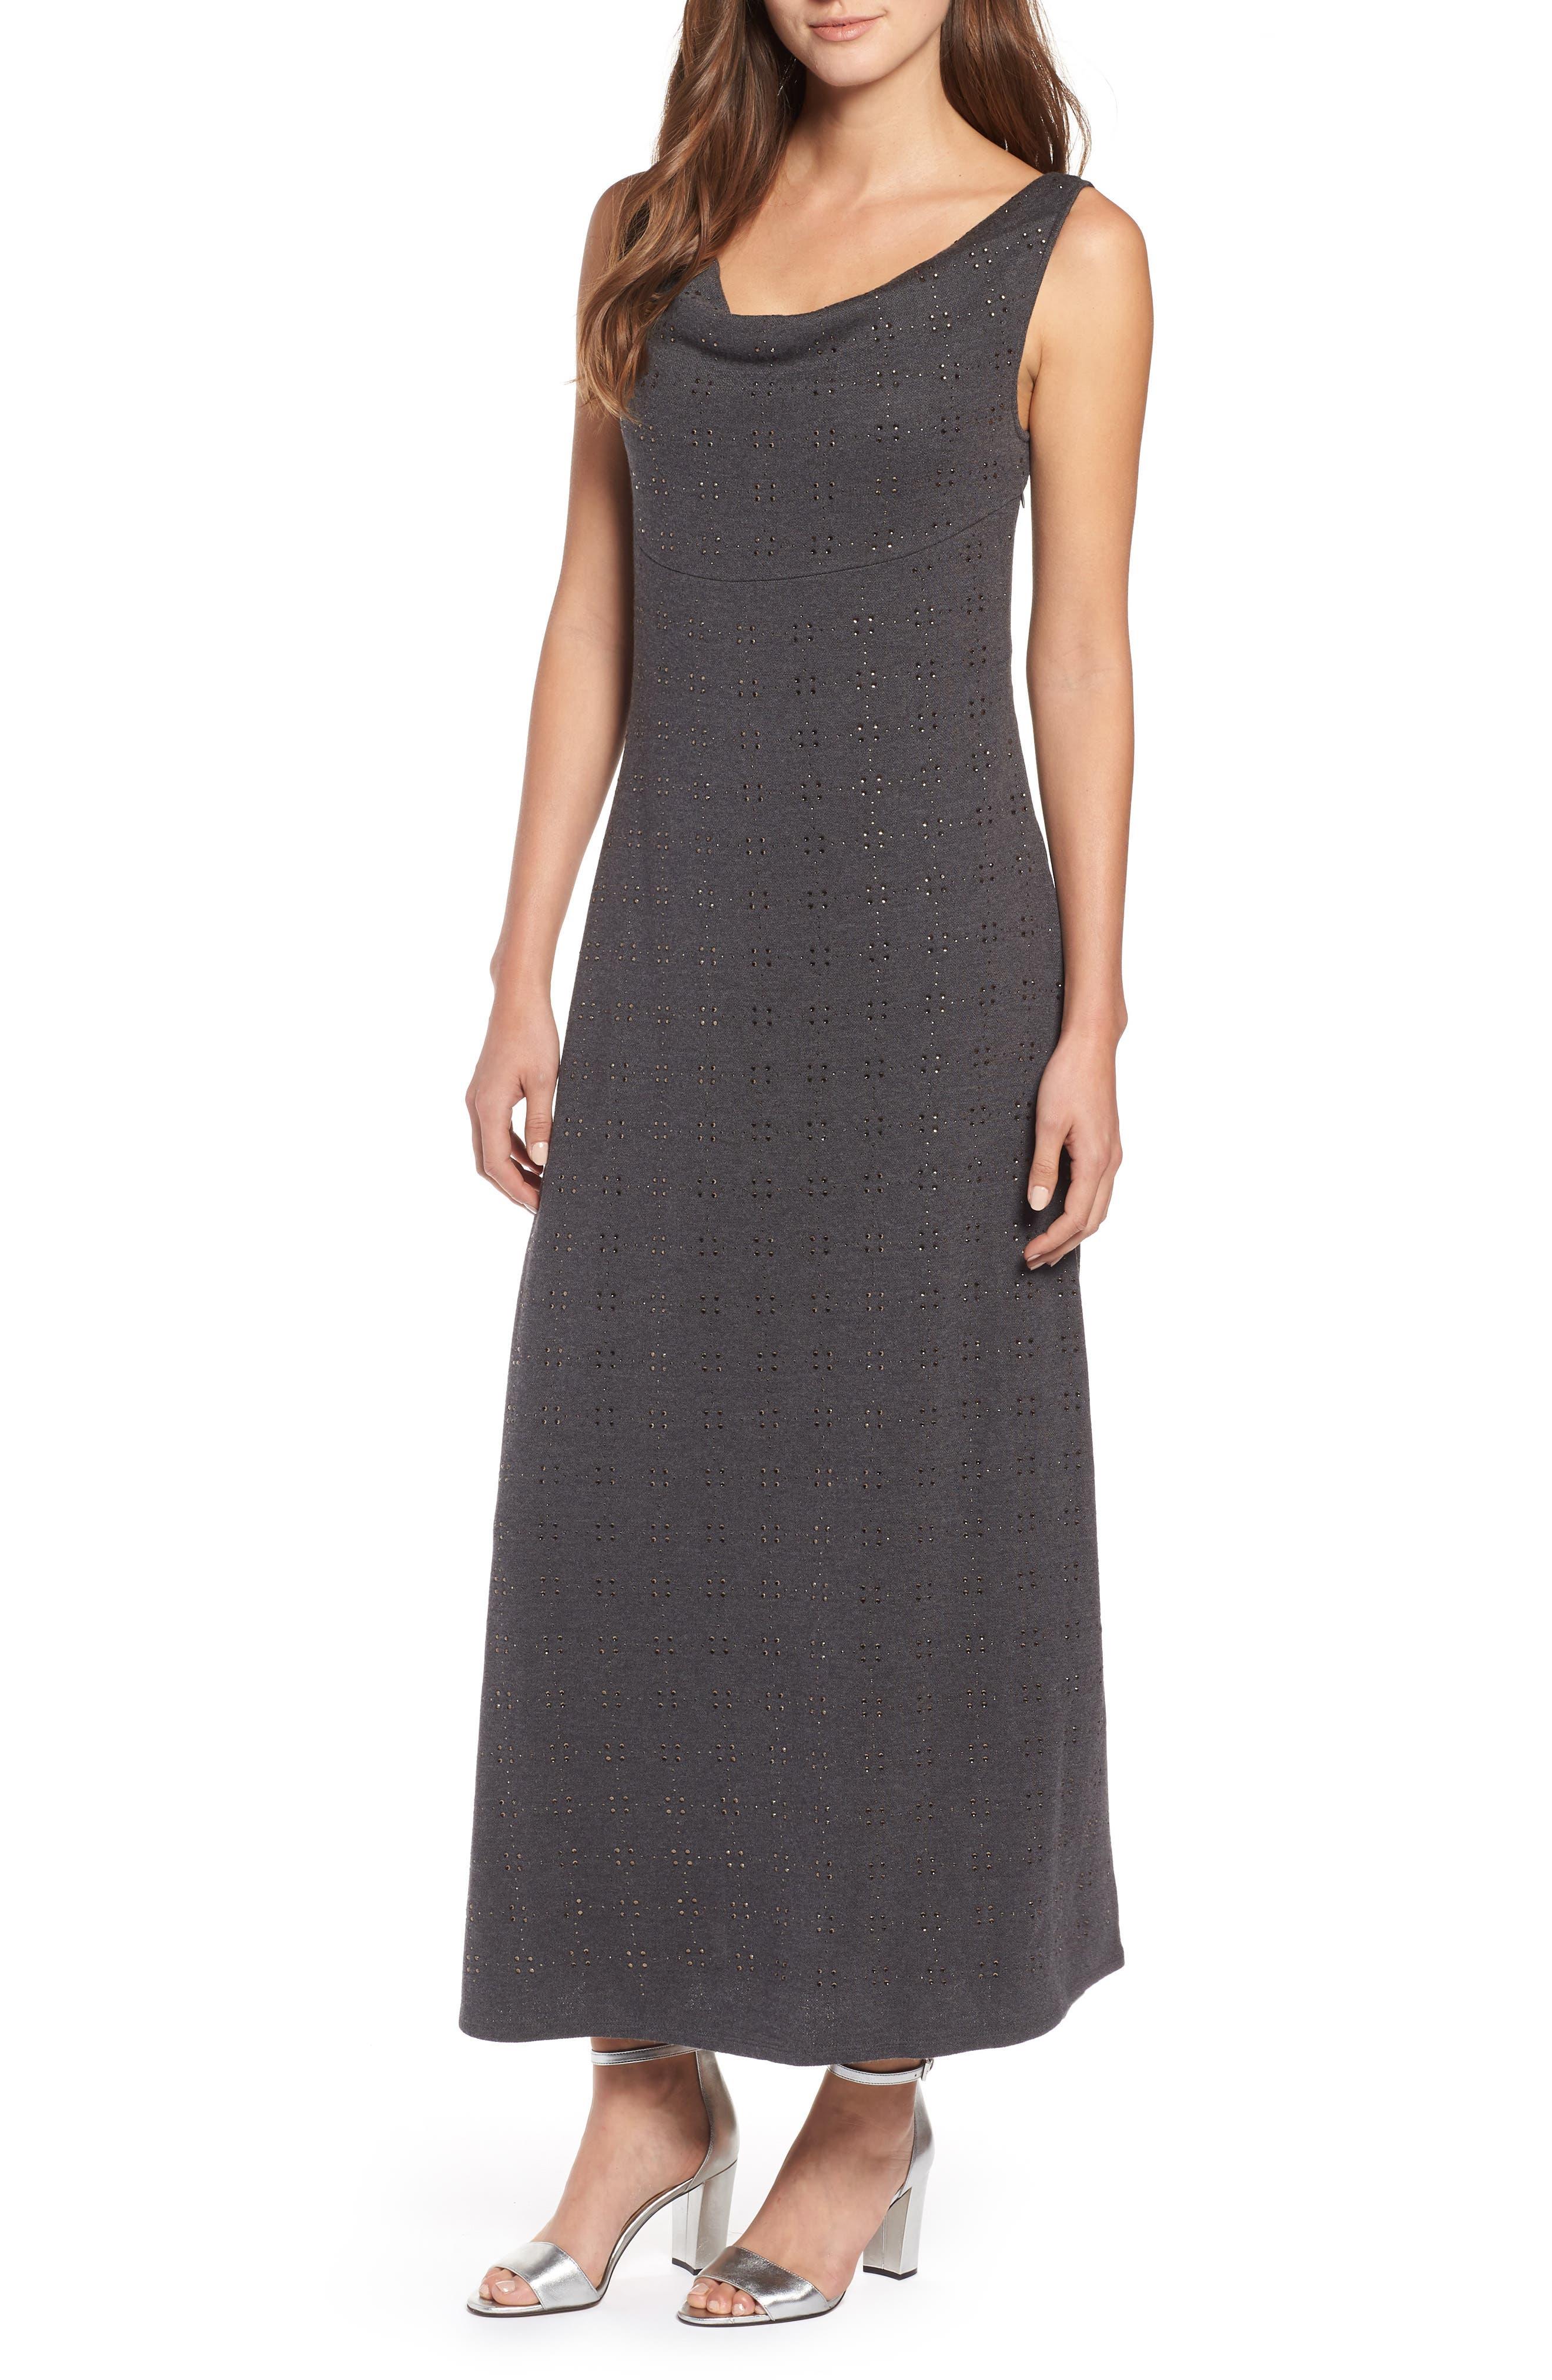 Subtle Shine Dress,                             Main thumbnail 1, color,